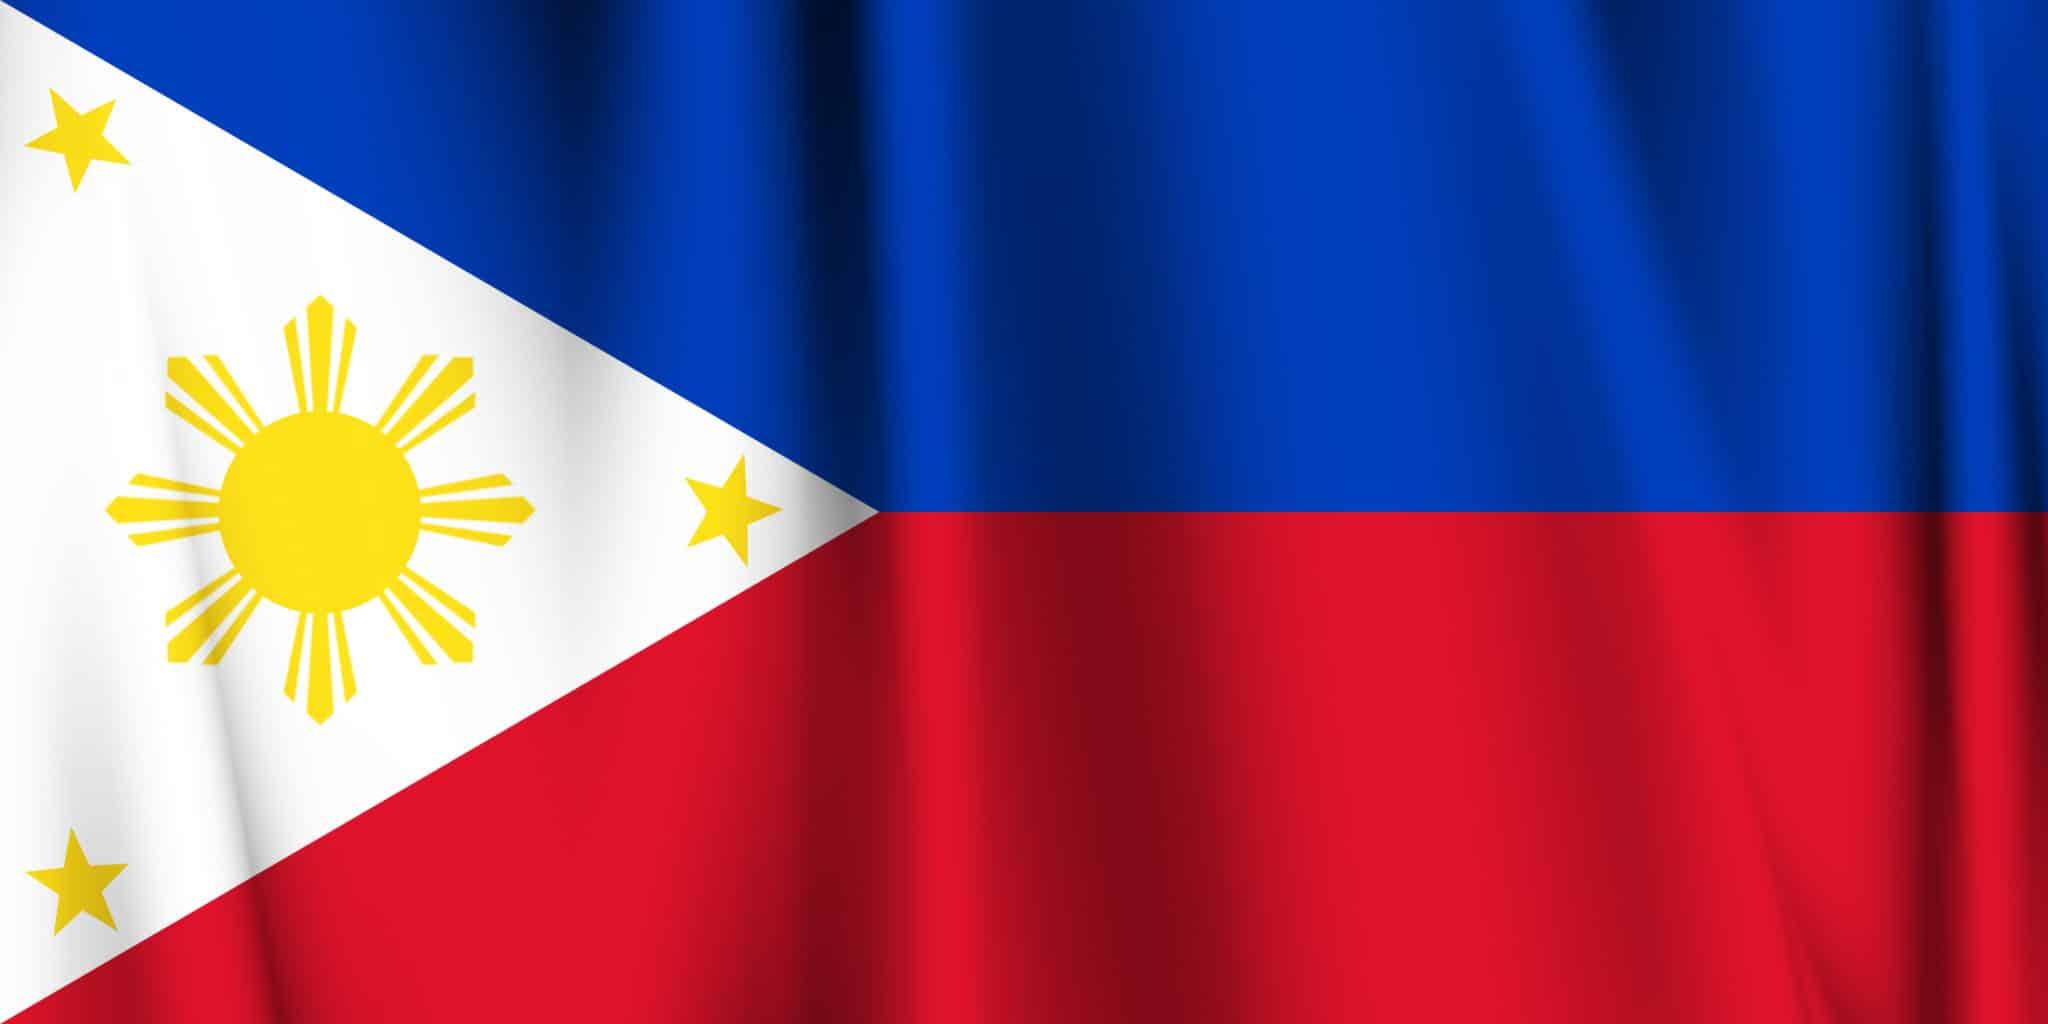 フィリピンの大学:フィリピンの国旗